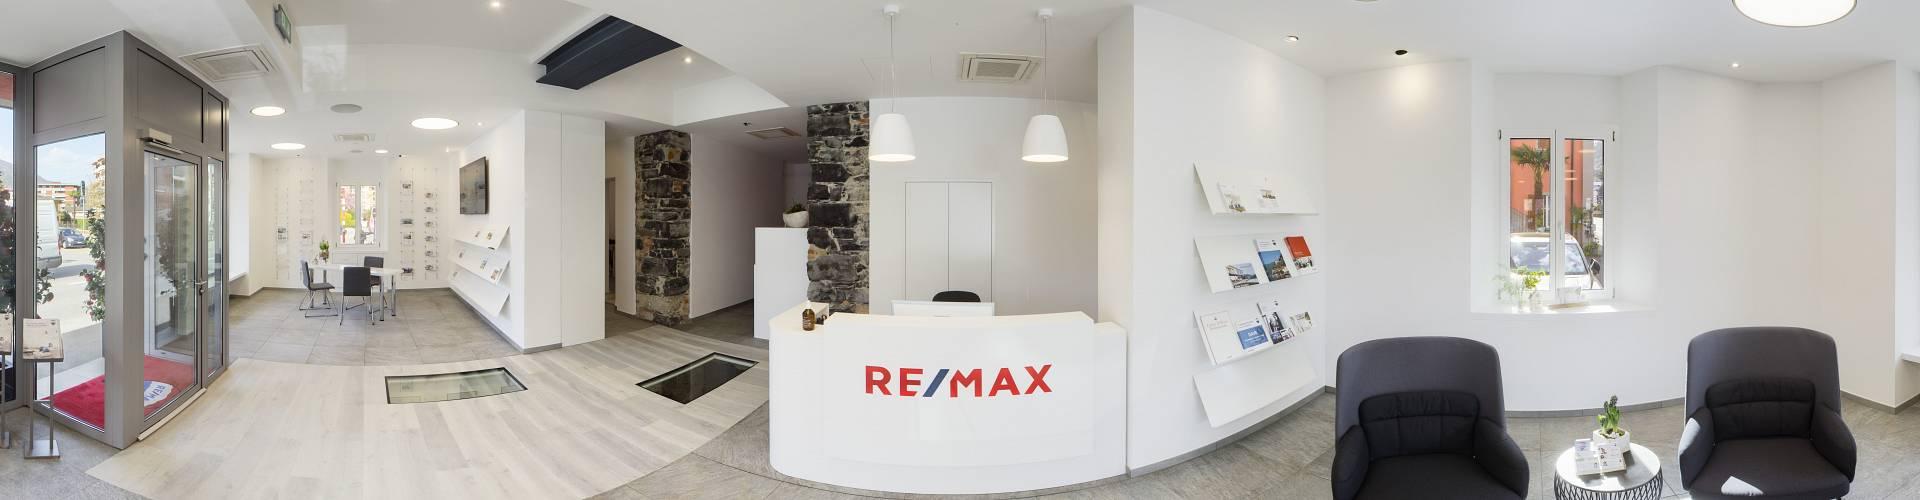 Immobilien - RE/MAX Immobiliare a Agno